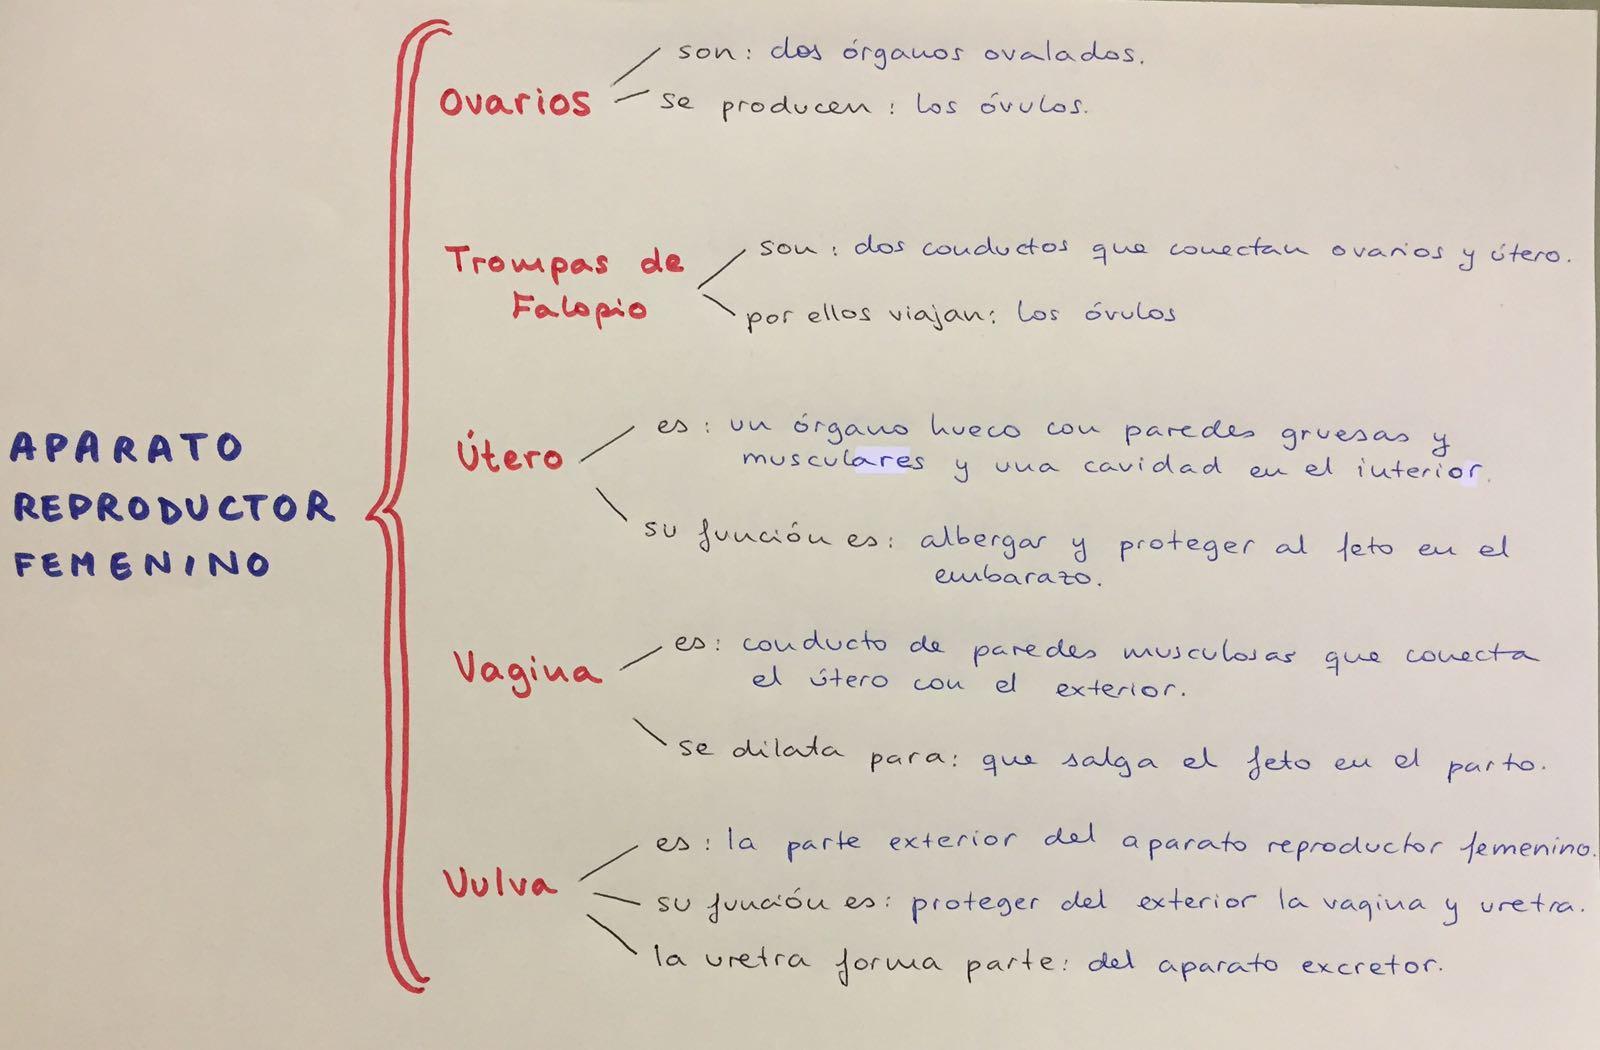 Asombroso Diagrama Reproductor Femenino Composición - Anatomía de ...